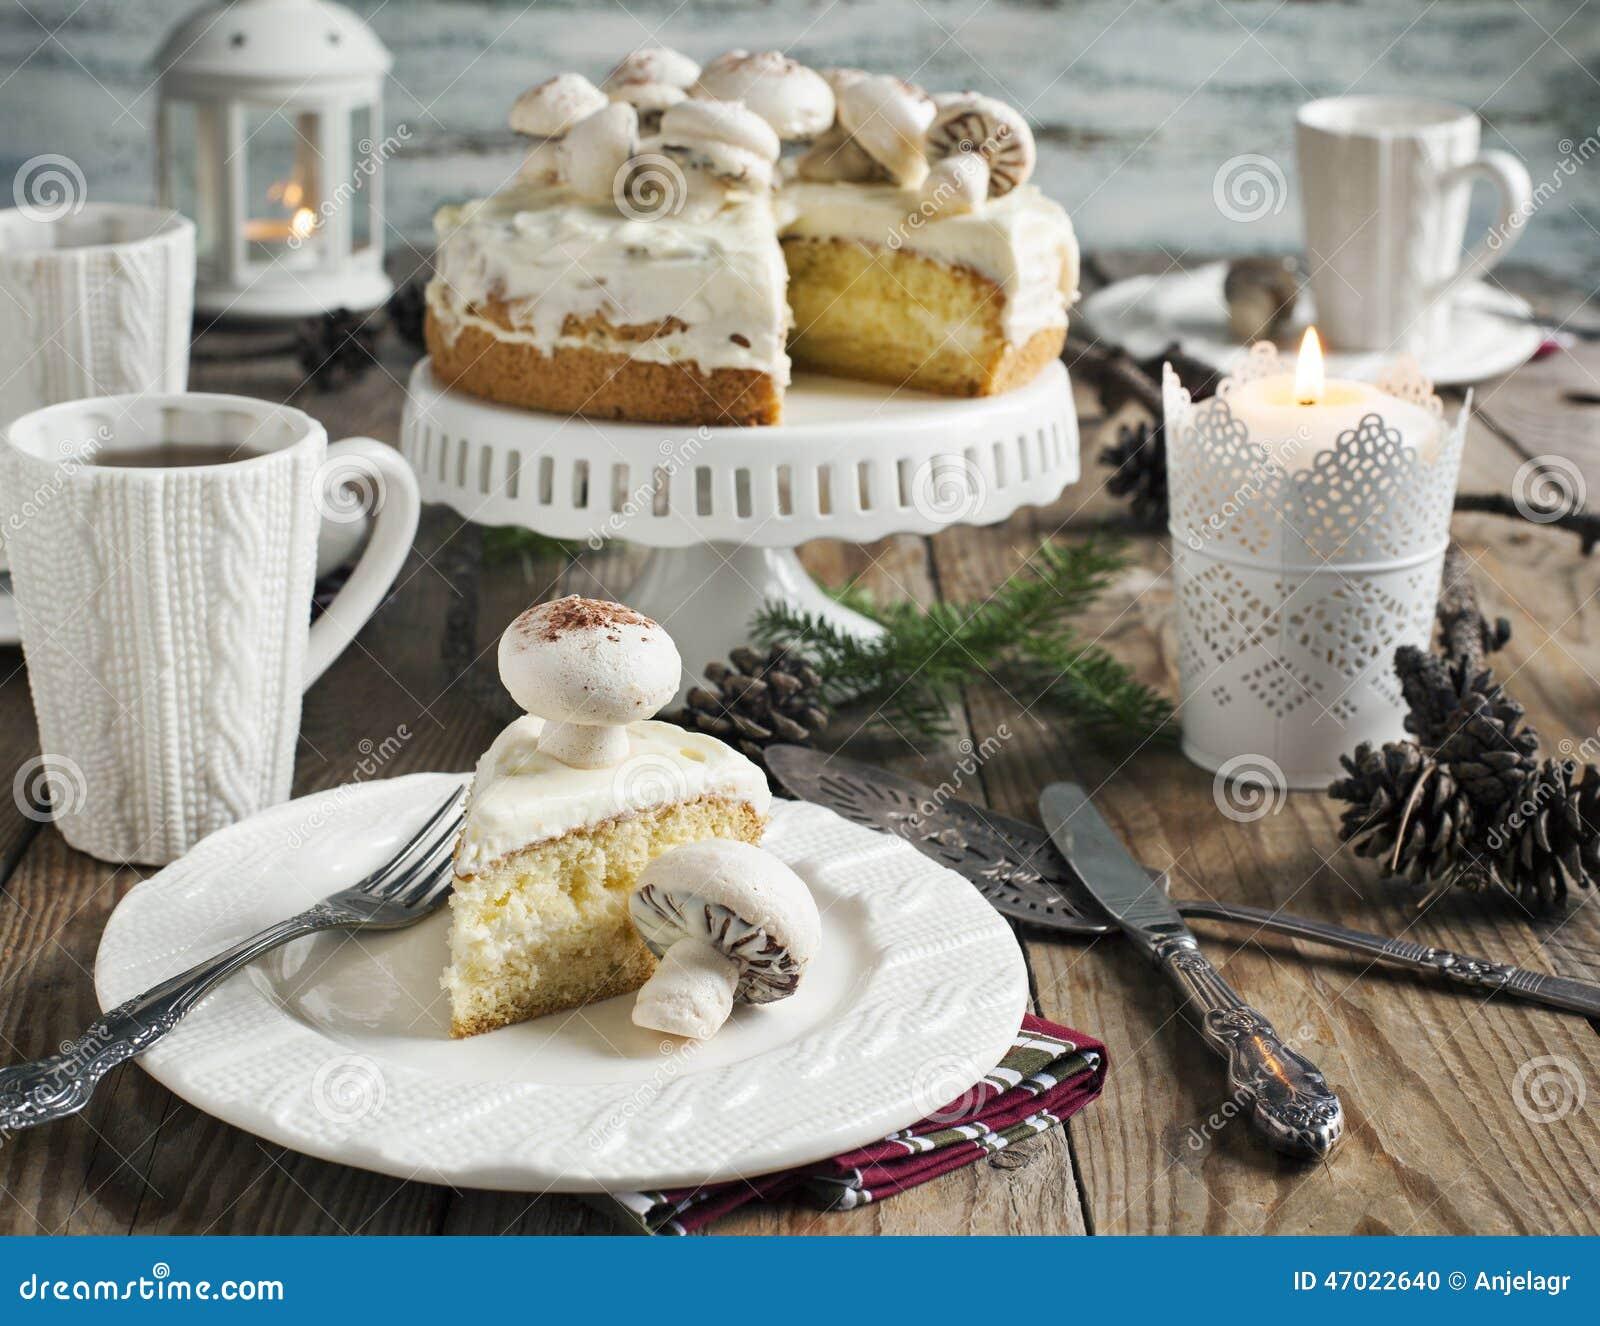 Christmas table setting with cake & Christmas Table Setting With Cake Stock Photo - Image of cake ...